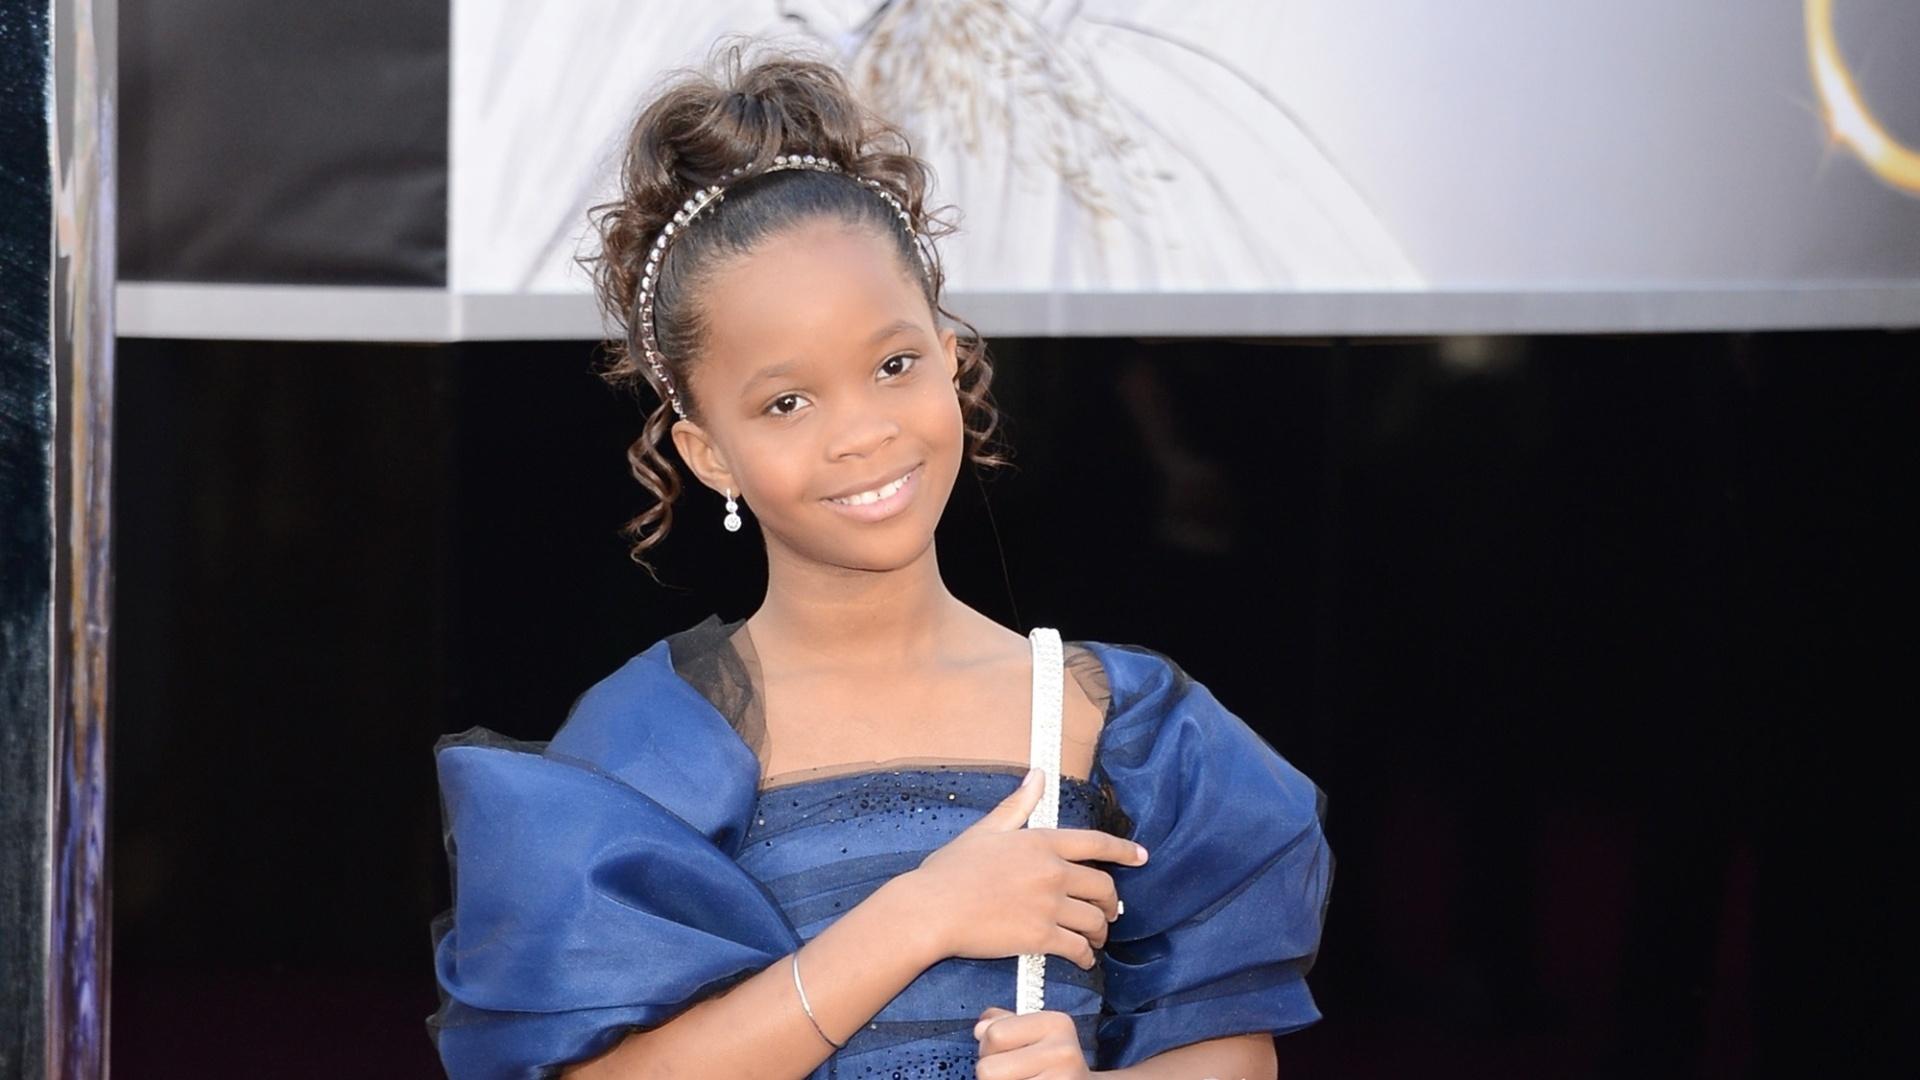 24.fev.2013 - A mais jovem atriz a ser indicada ao Oscar de Melhor Atriz, Quvenzhane Wallis, de apenas 9 anos, chega ao tapete vermelho da premiação. Ela concorre por